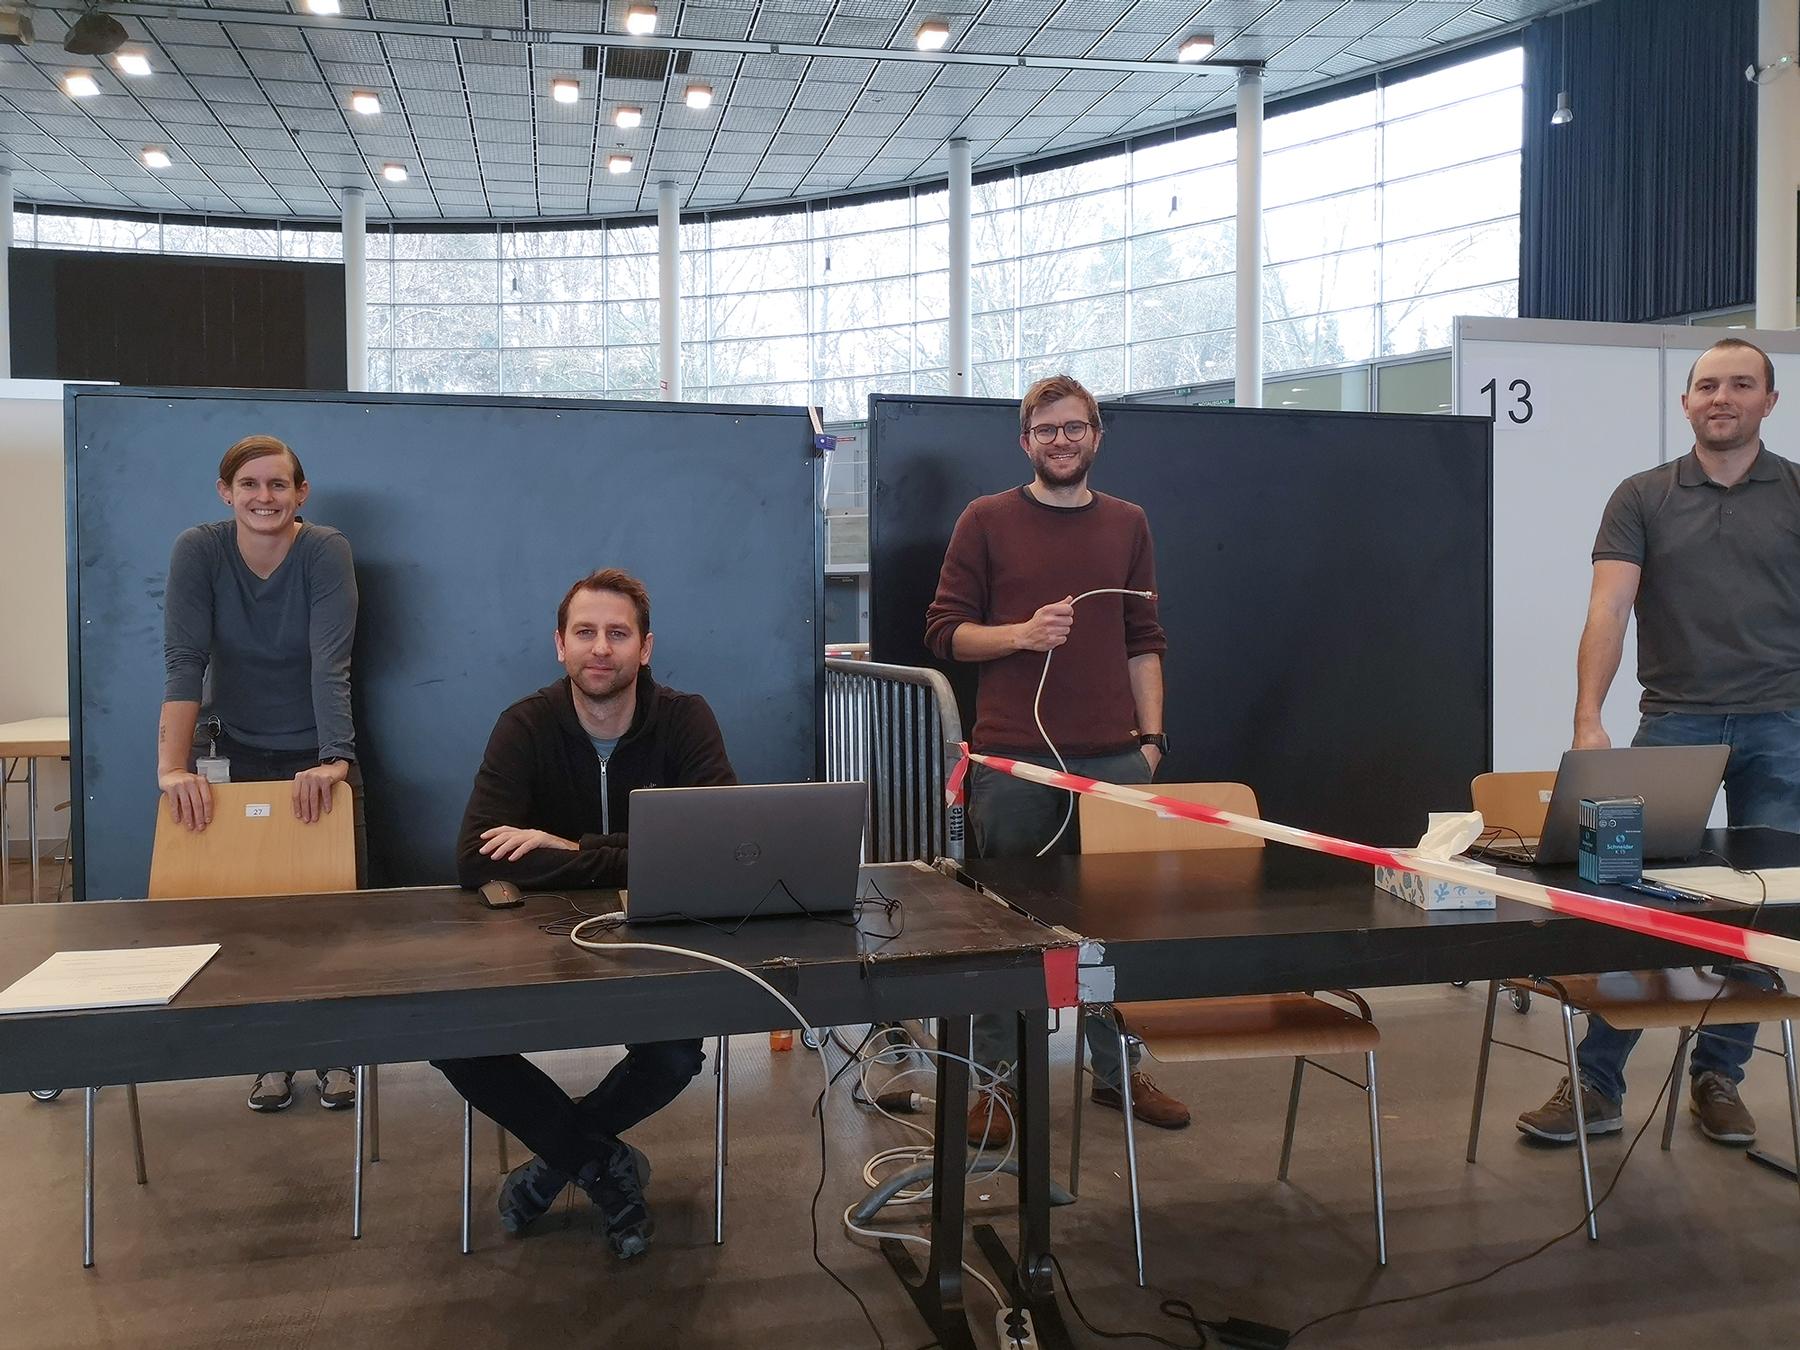 Eine Dame und drei Herren bereiten an durch Absperrband getrennten Tischen die IT-Infrastruktur für Corona-Massentestungen vor.